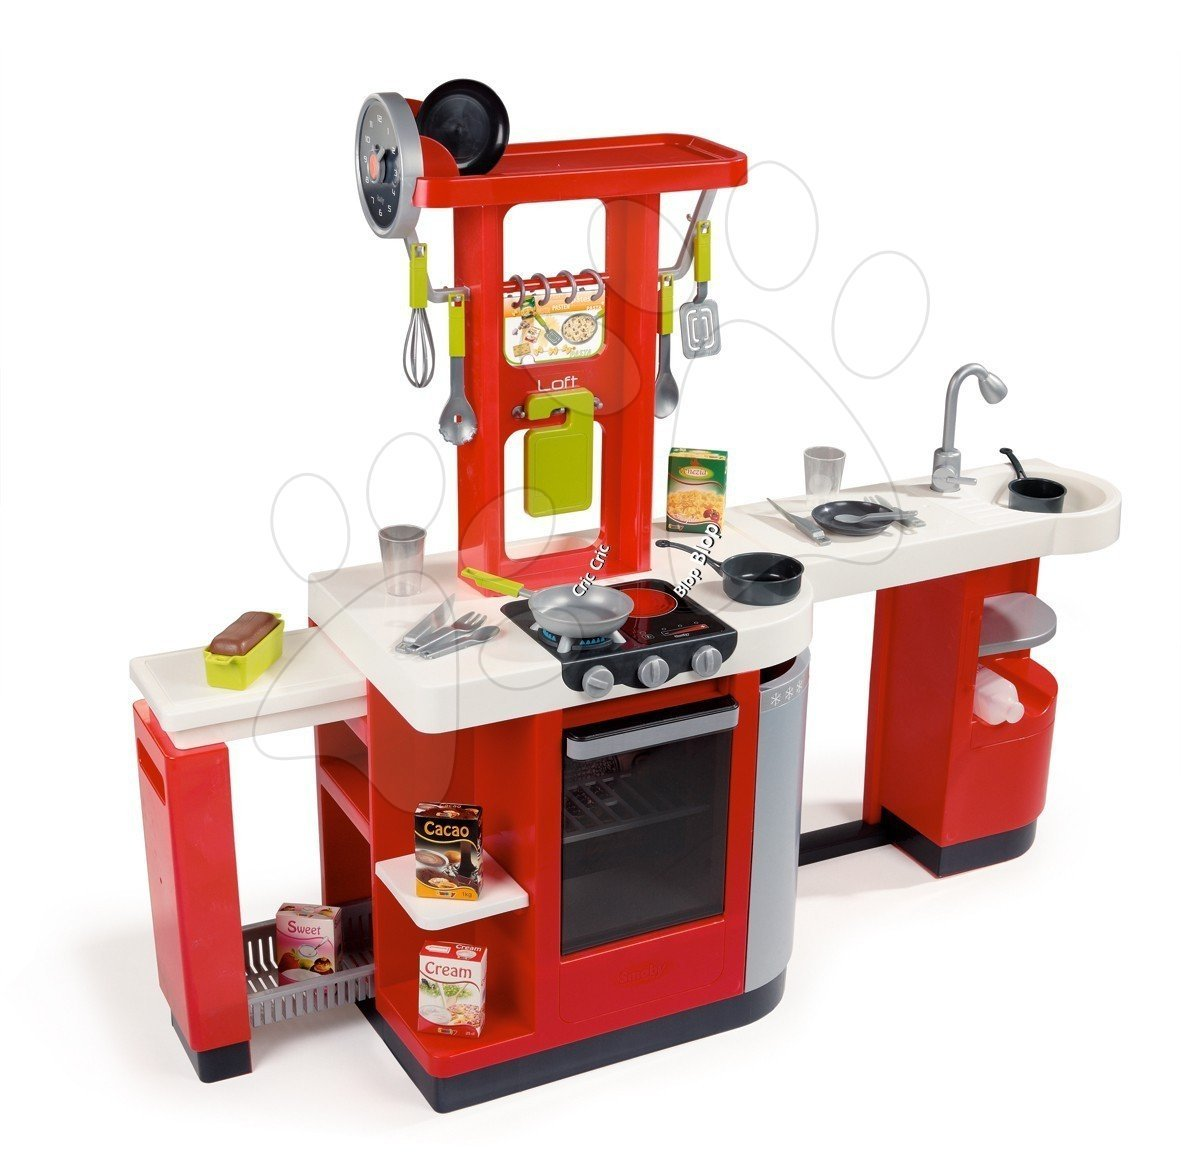 Kuchyňka Loft 4v1 Smoby elektronická červená se zvuky a 25 doplňků